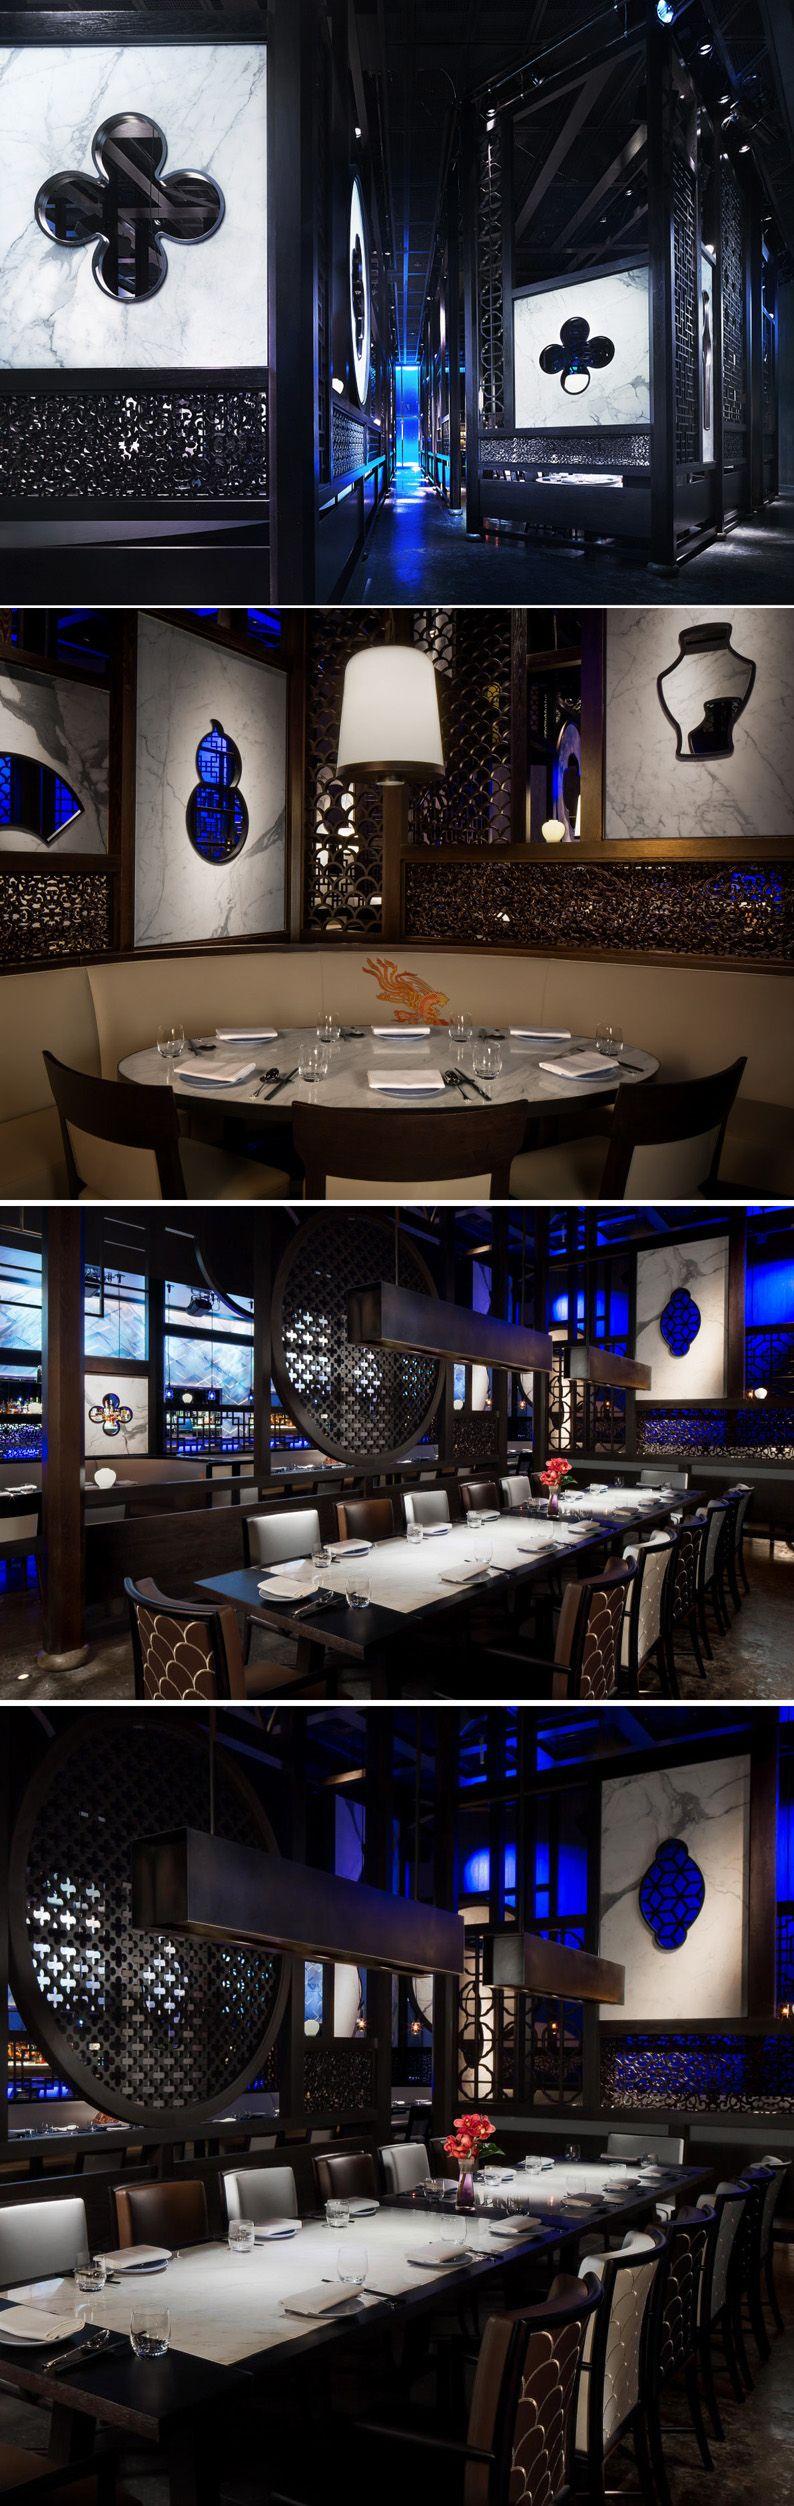 675e74fb0e1ace34263e404b1d4110d6 Impressionnant De Table Bar Exterieur Conception